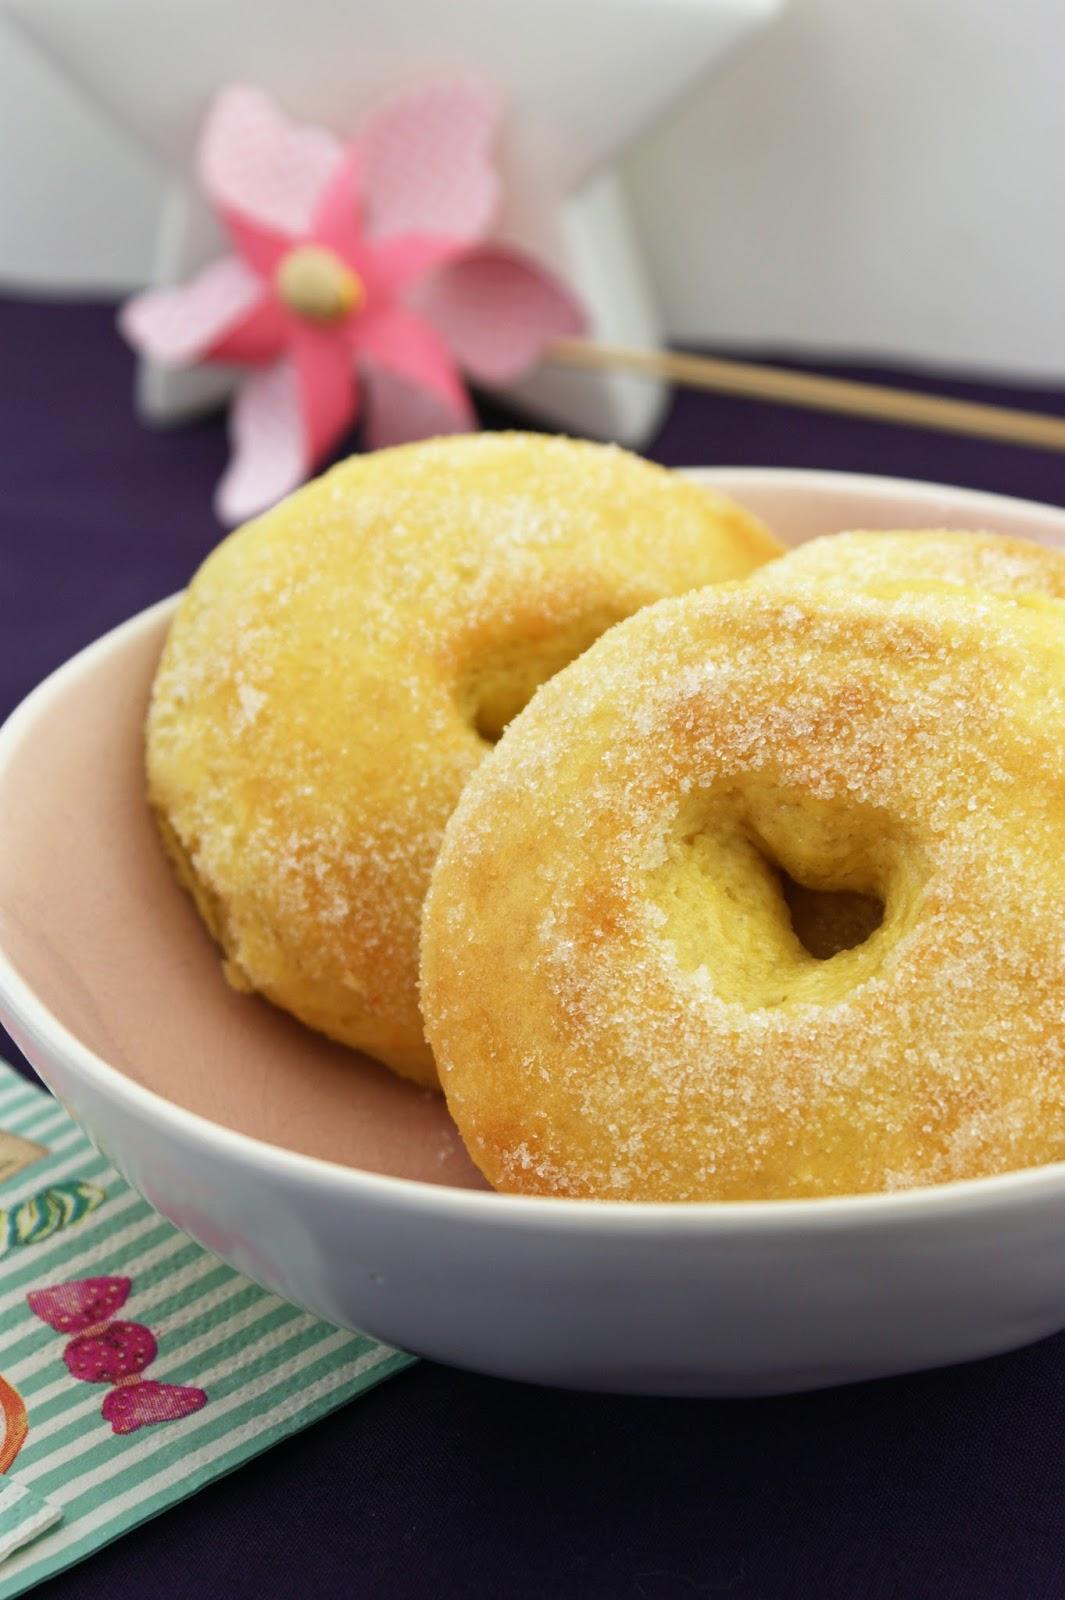 Beignet De Brocolis Au Four recette land : recette de beignets au four façon donuts sur